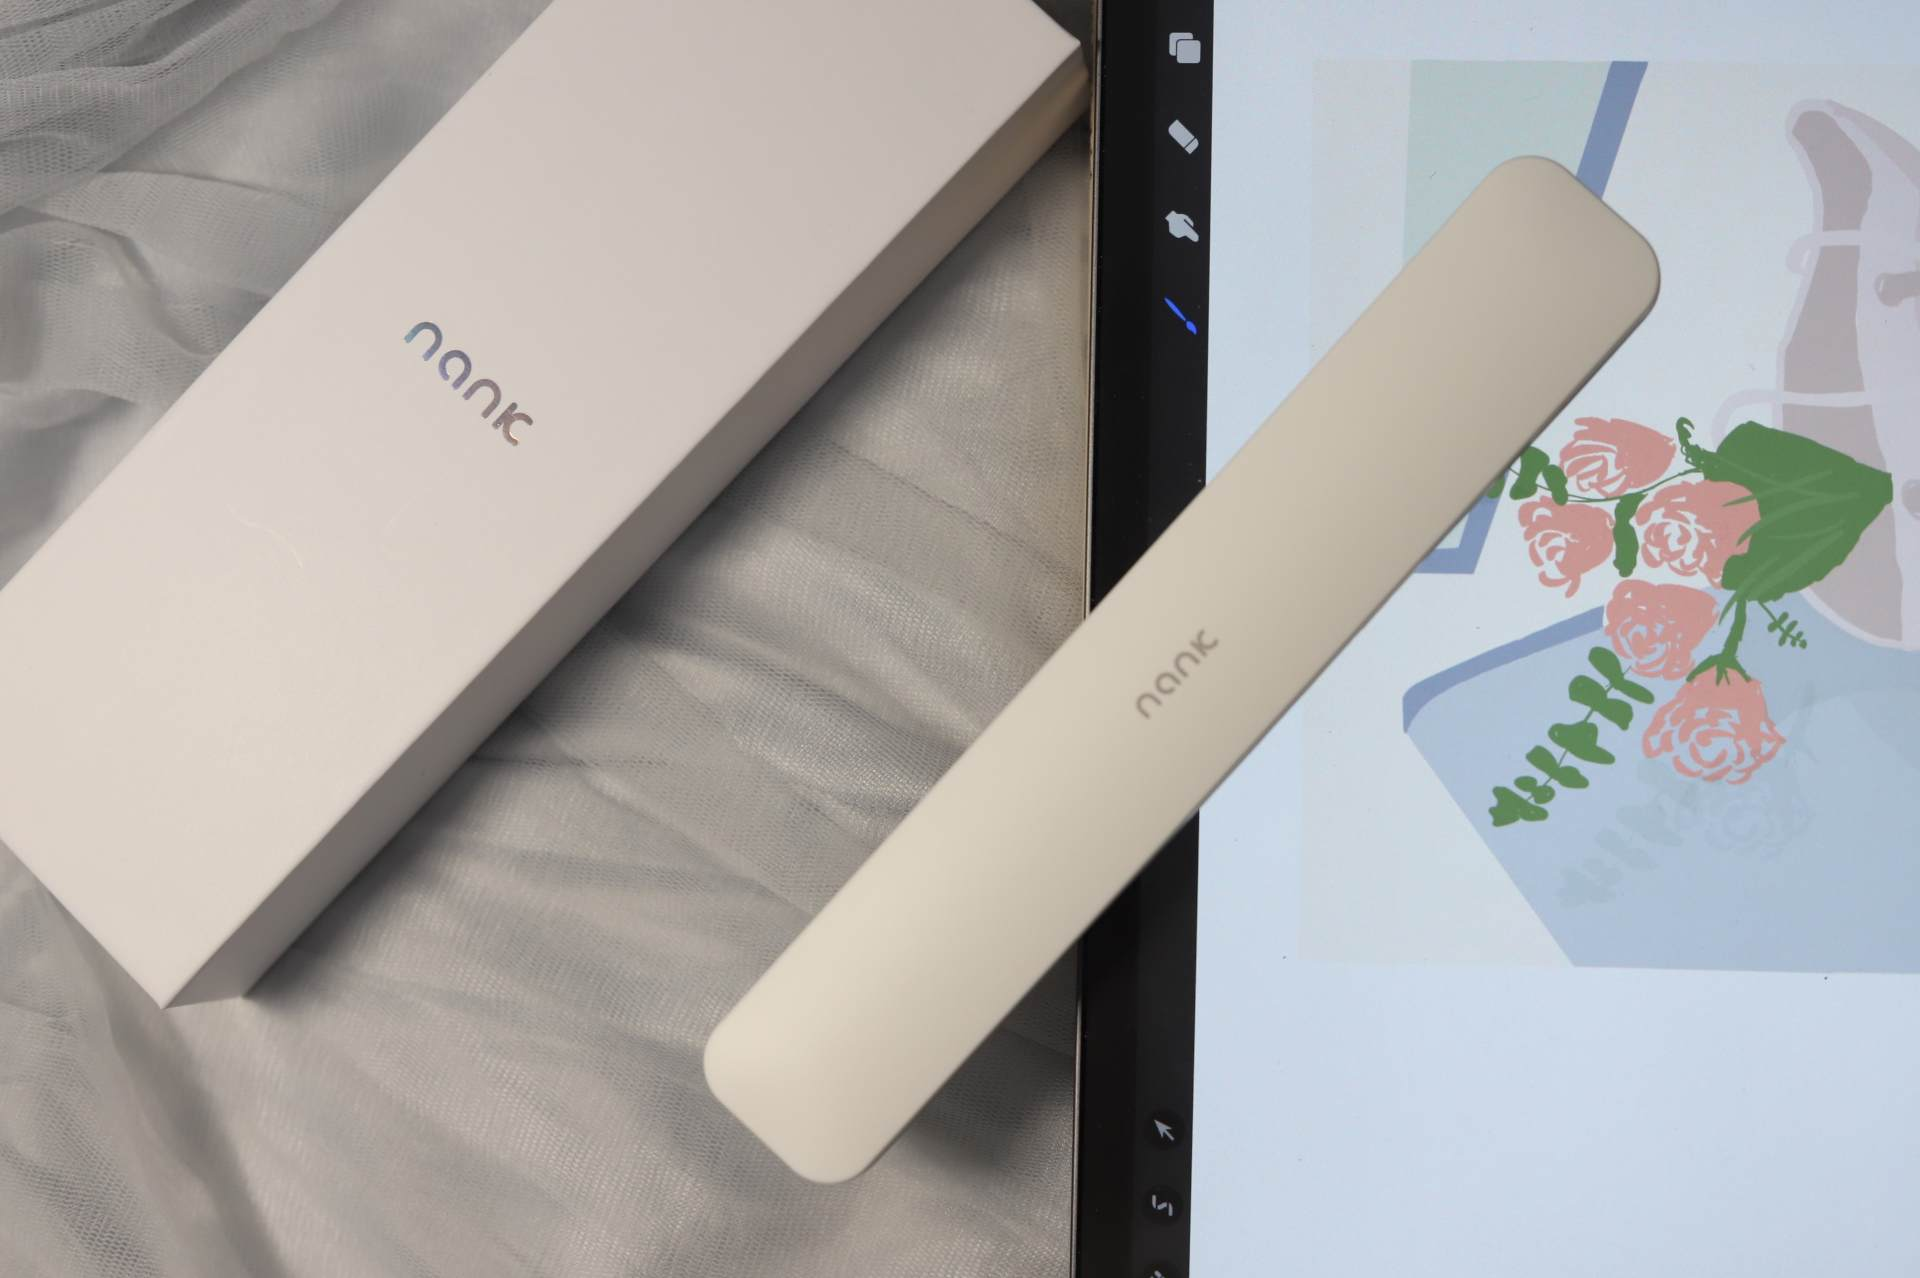 南卡电容笔体验报告:这支笔给我一种在用Apple pencil的错觉!